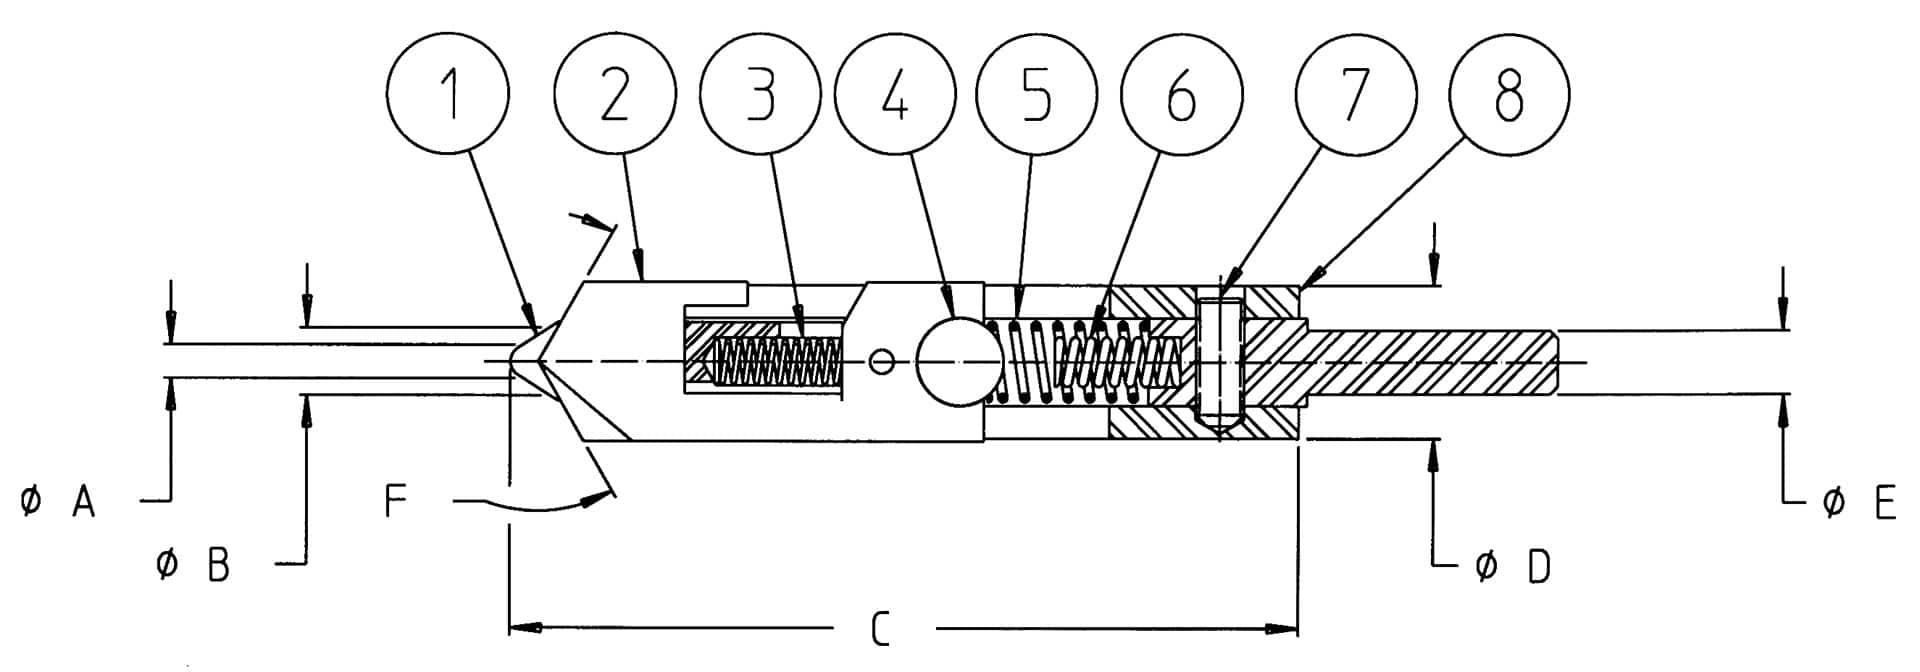 ellipti bur specifications diagram